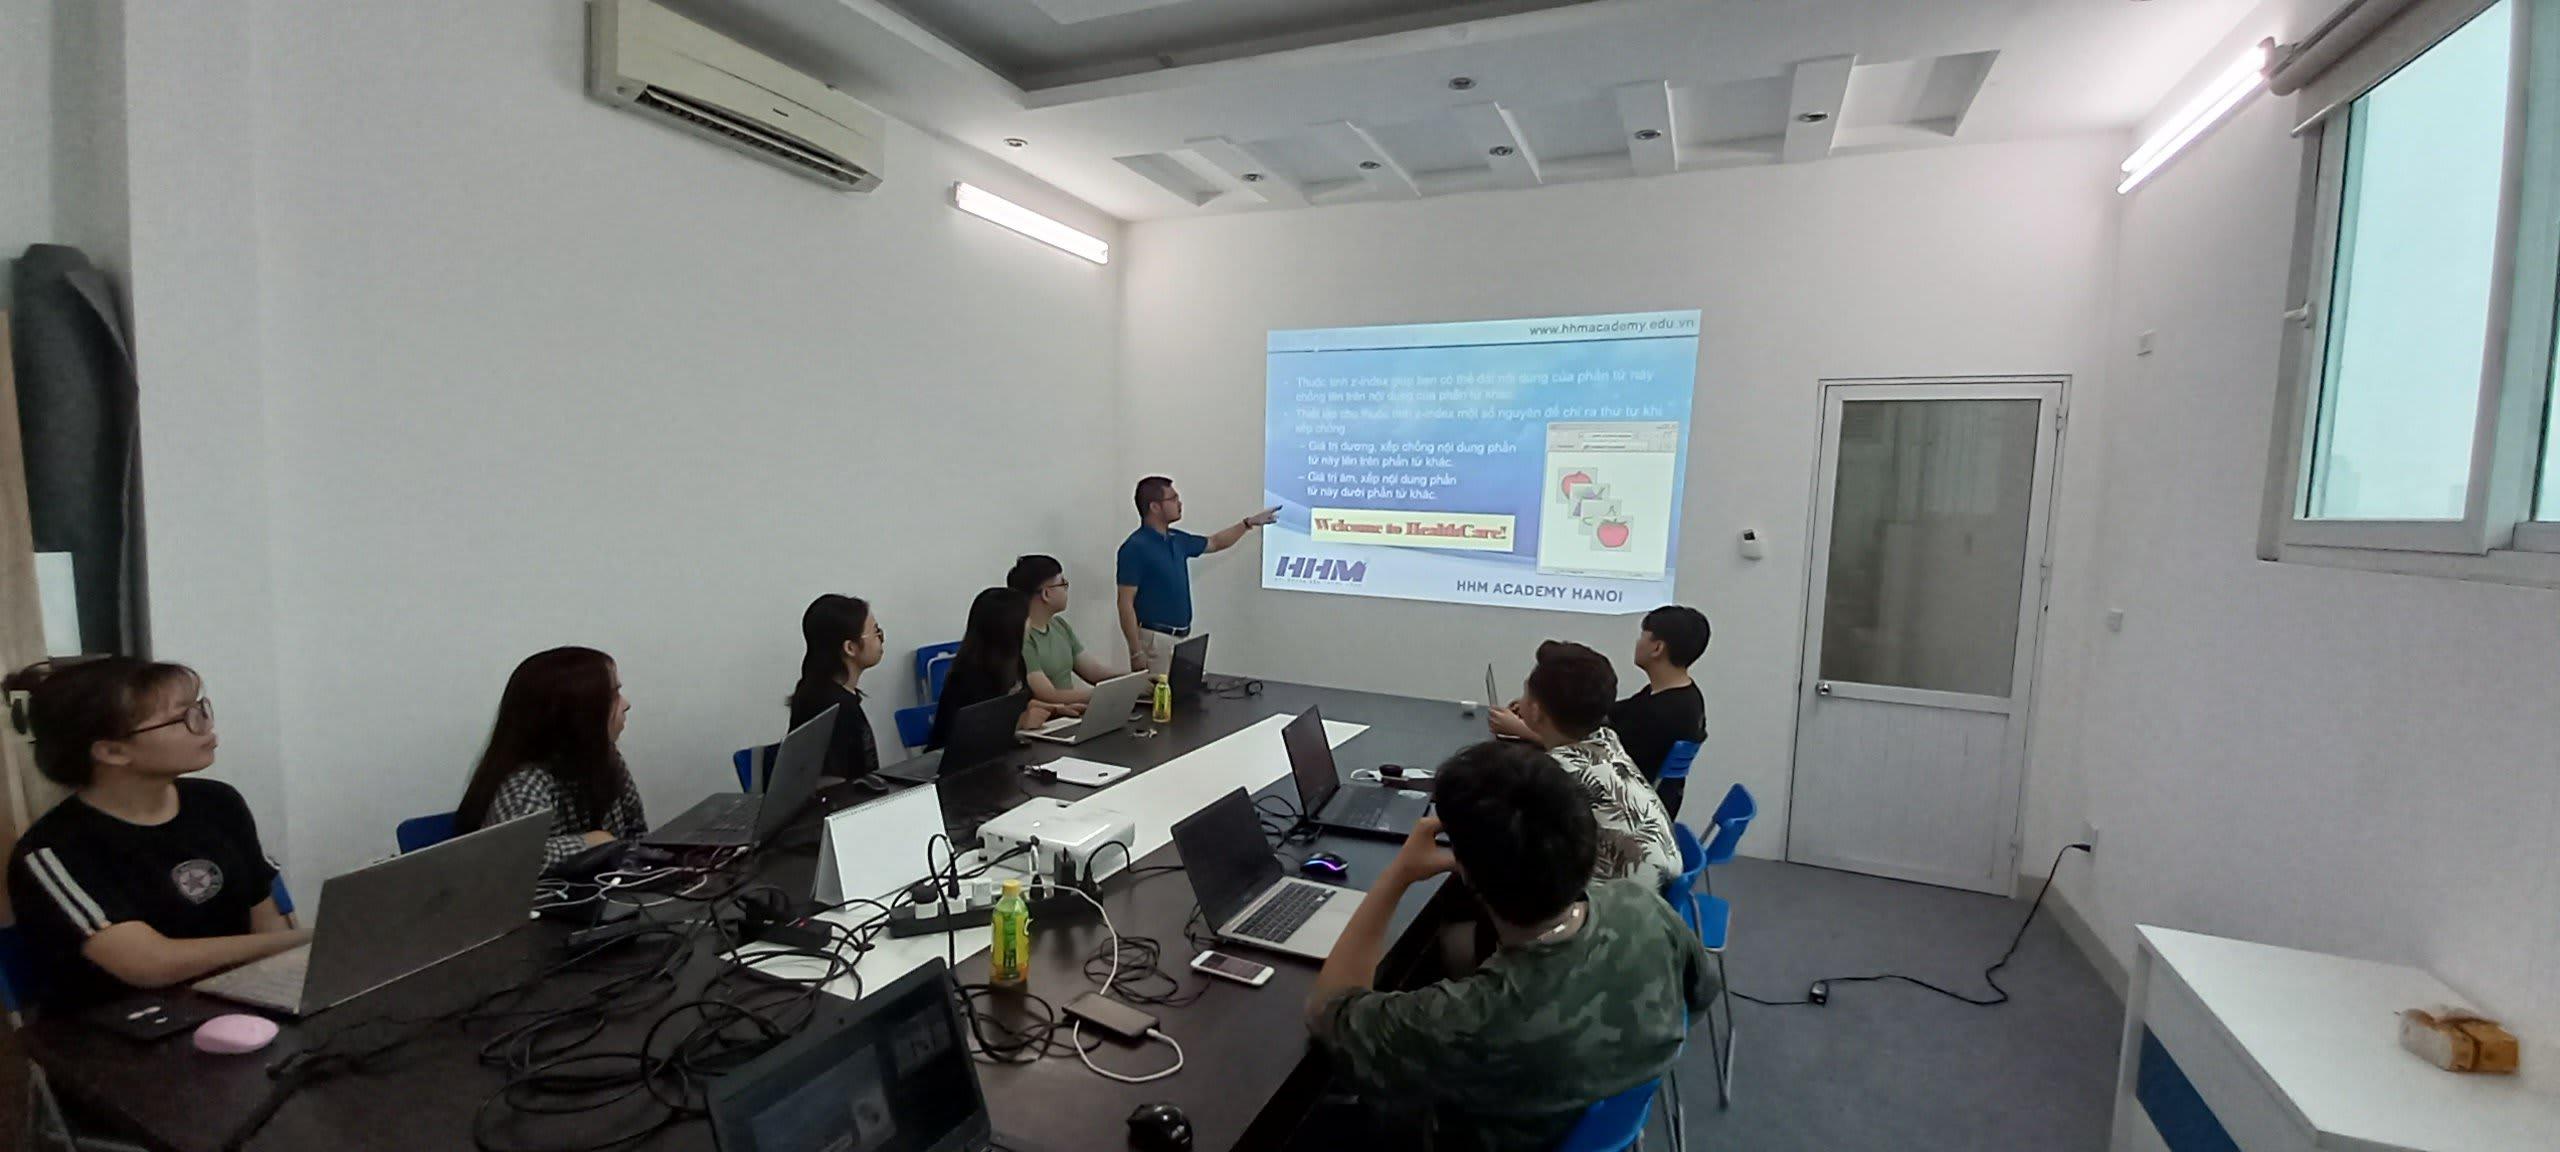 Không khí học tập trong giờ lên lớpở HHM Academy Hanoi